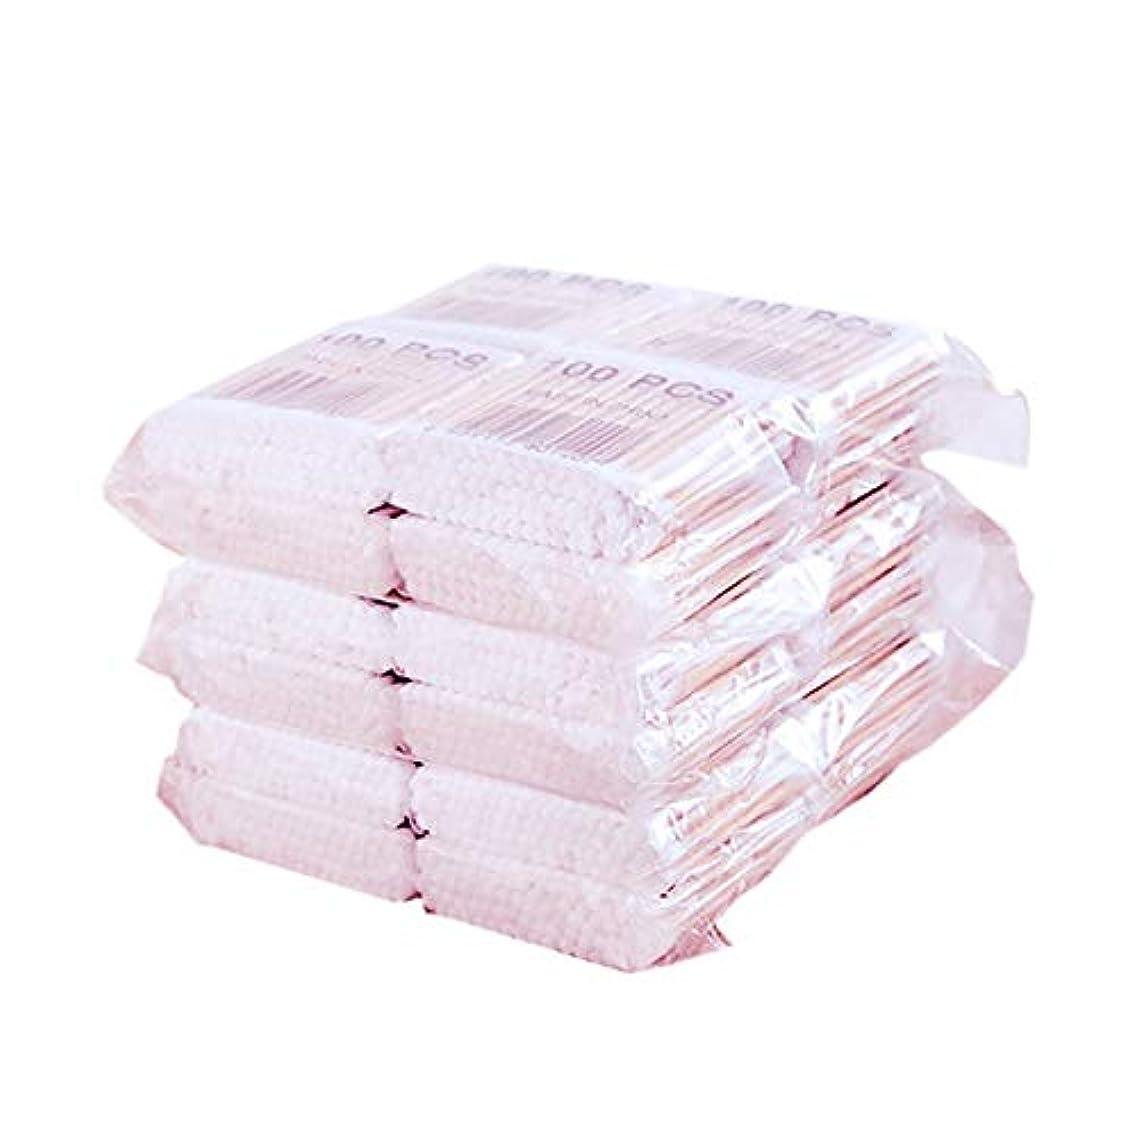 どうしたのスイス人切り離すSODIAL 800個/パック使い捨て綿棒 竹綿つぼみ綿棒メディカルイヤークリーニングウッドスティック 化粧健康ツール タンポン